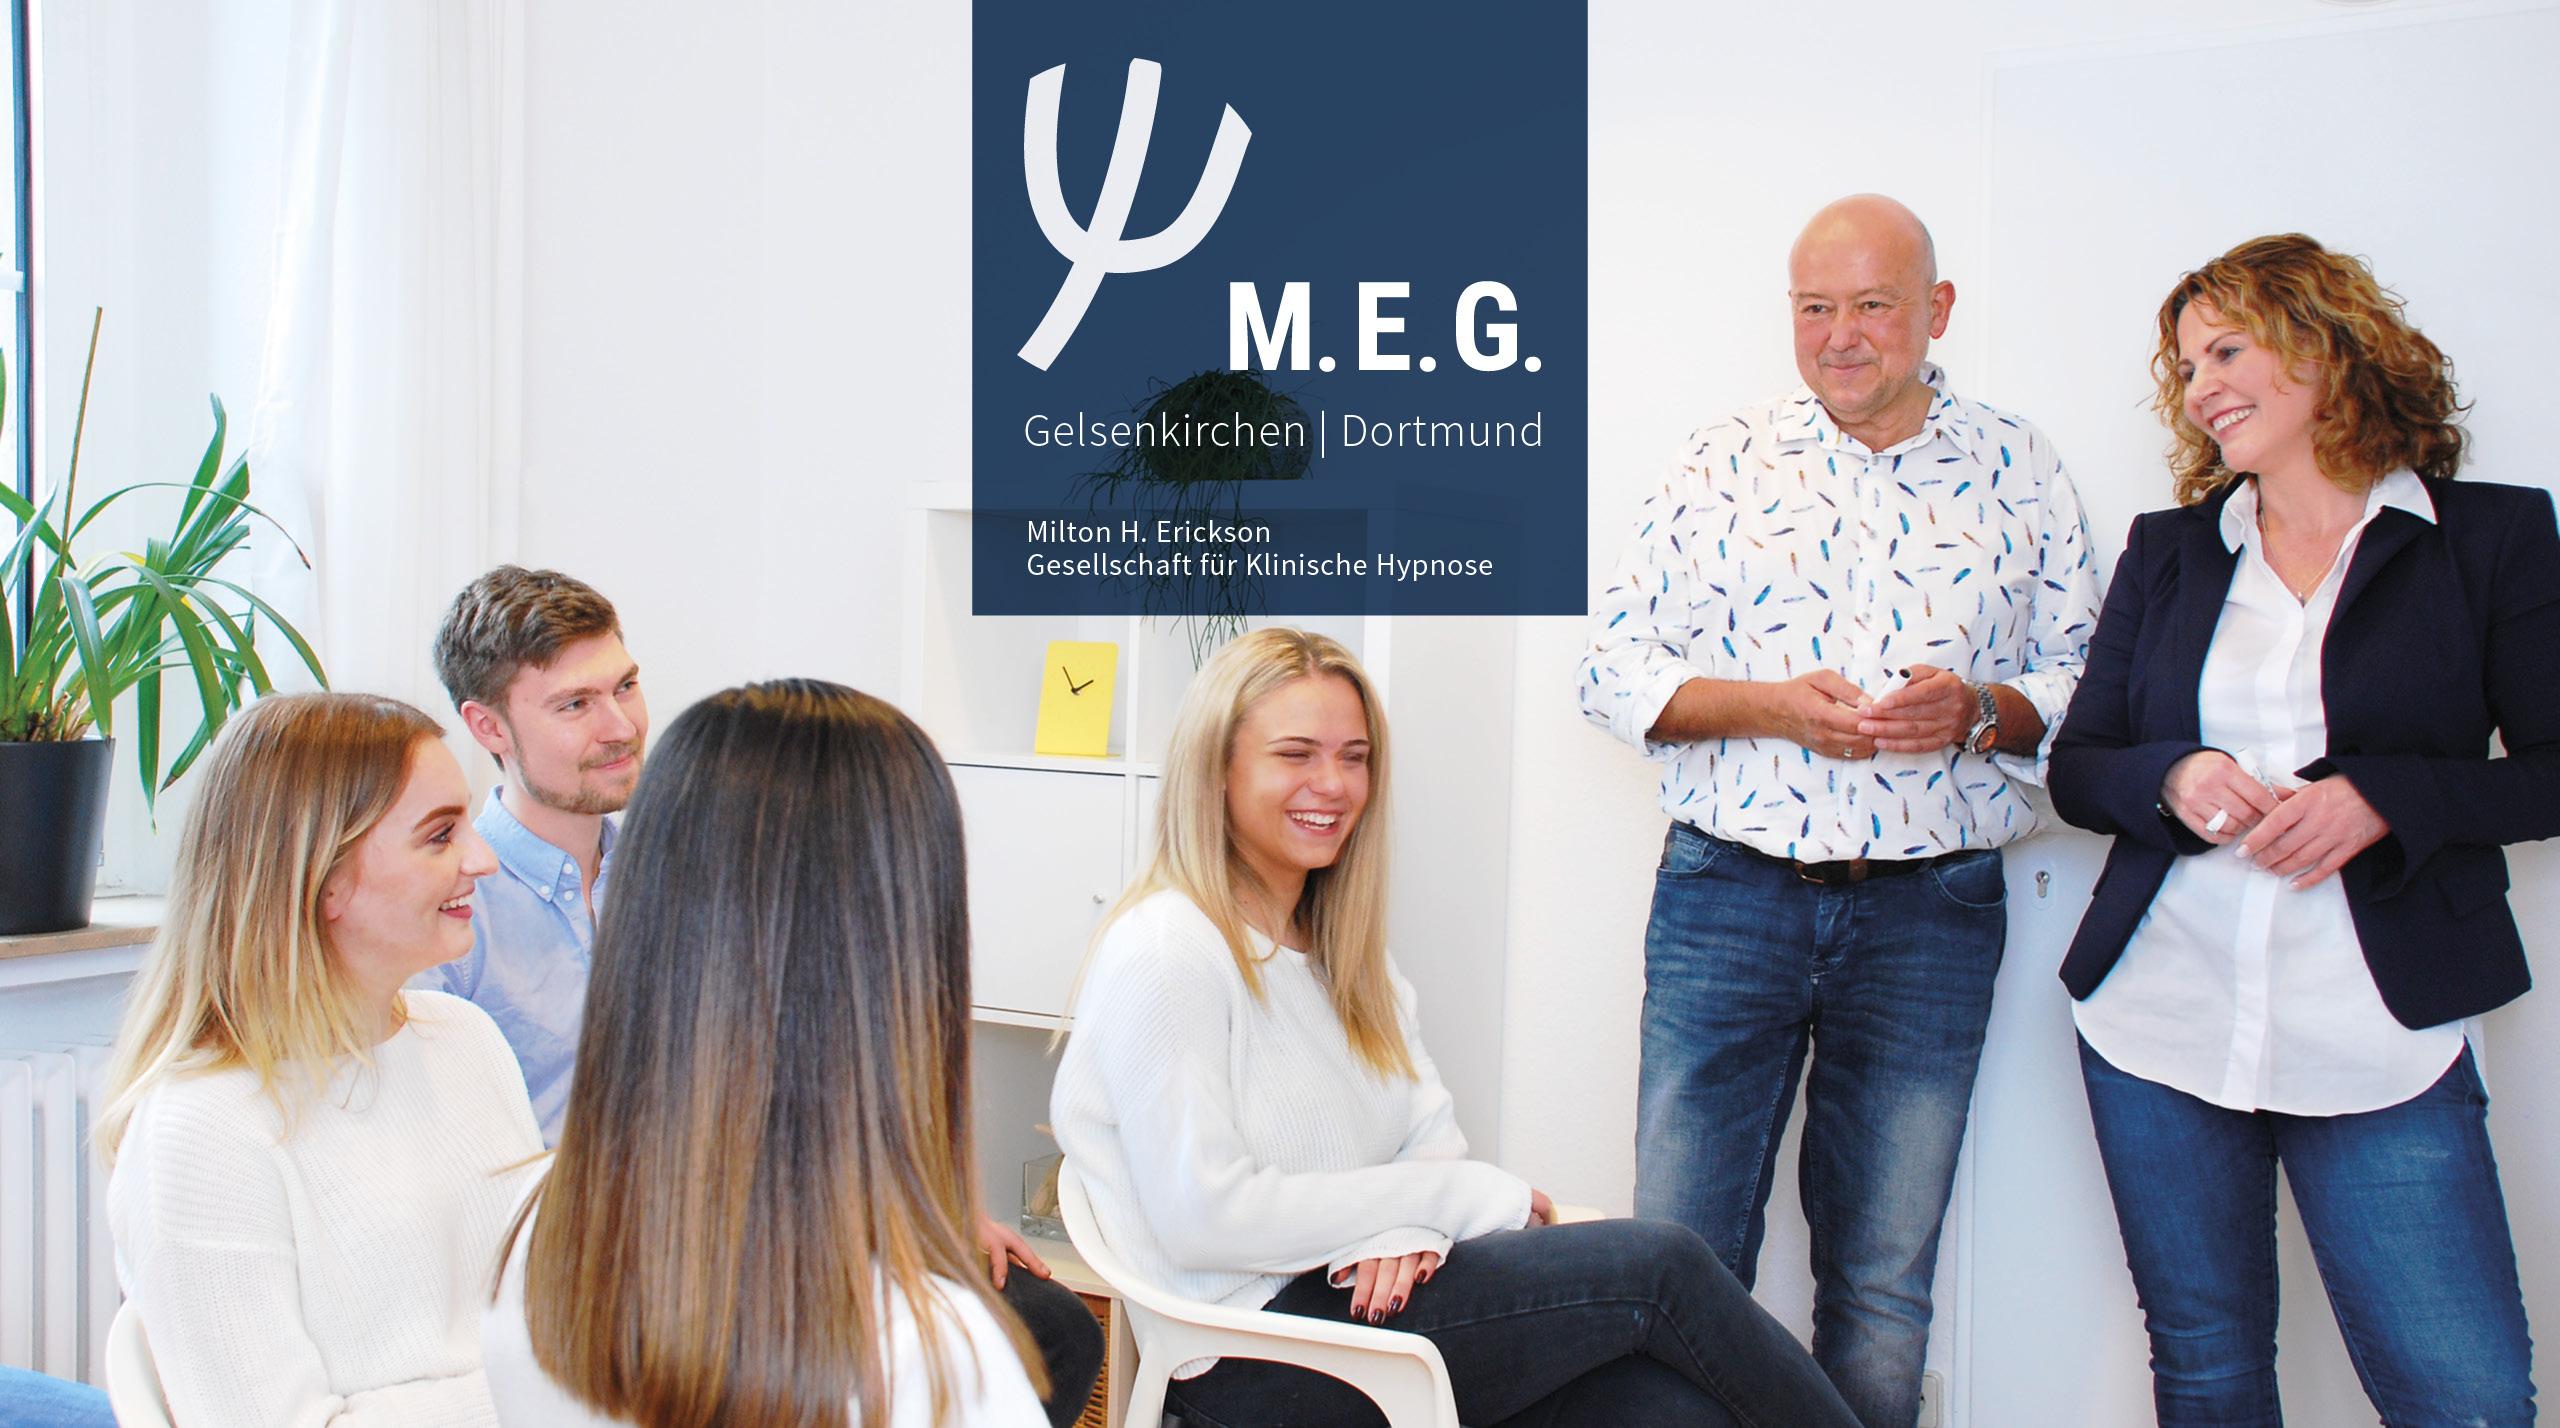 M.E.G. Gelsenkirchen | Dortmund